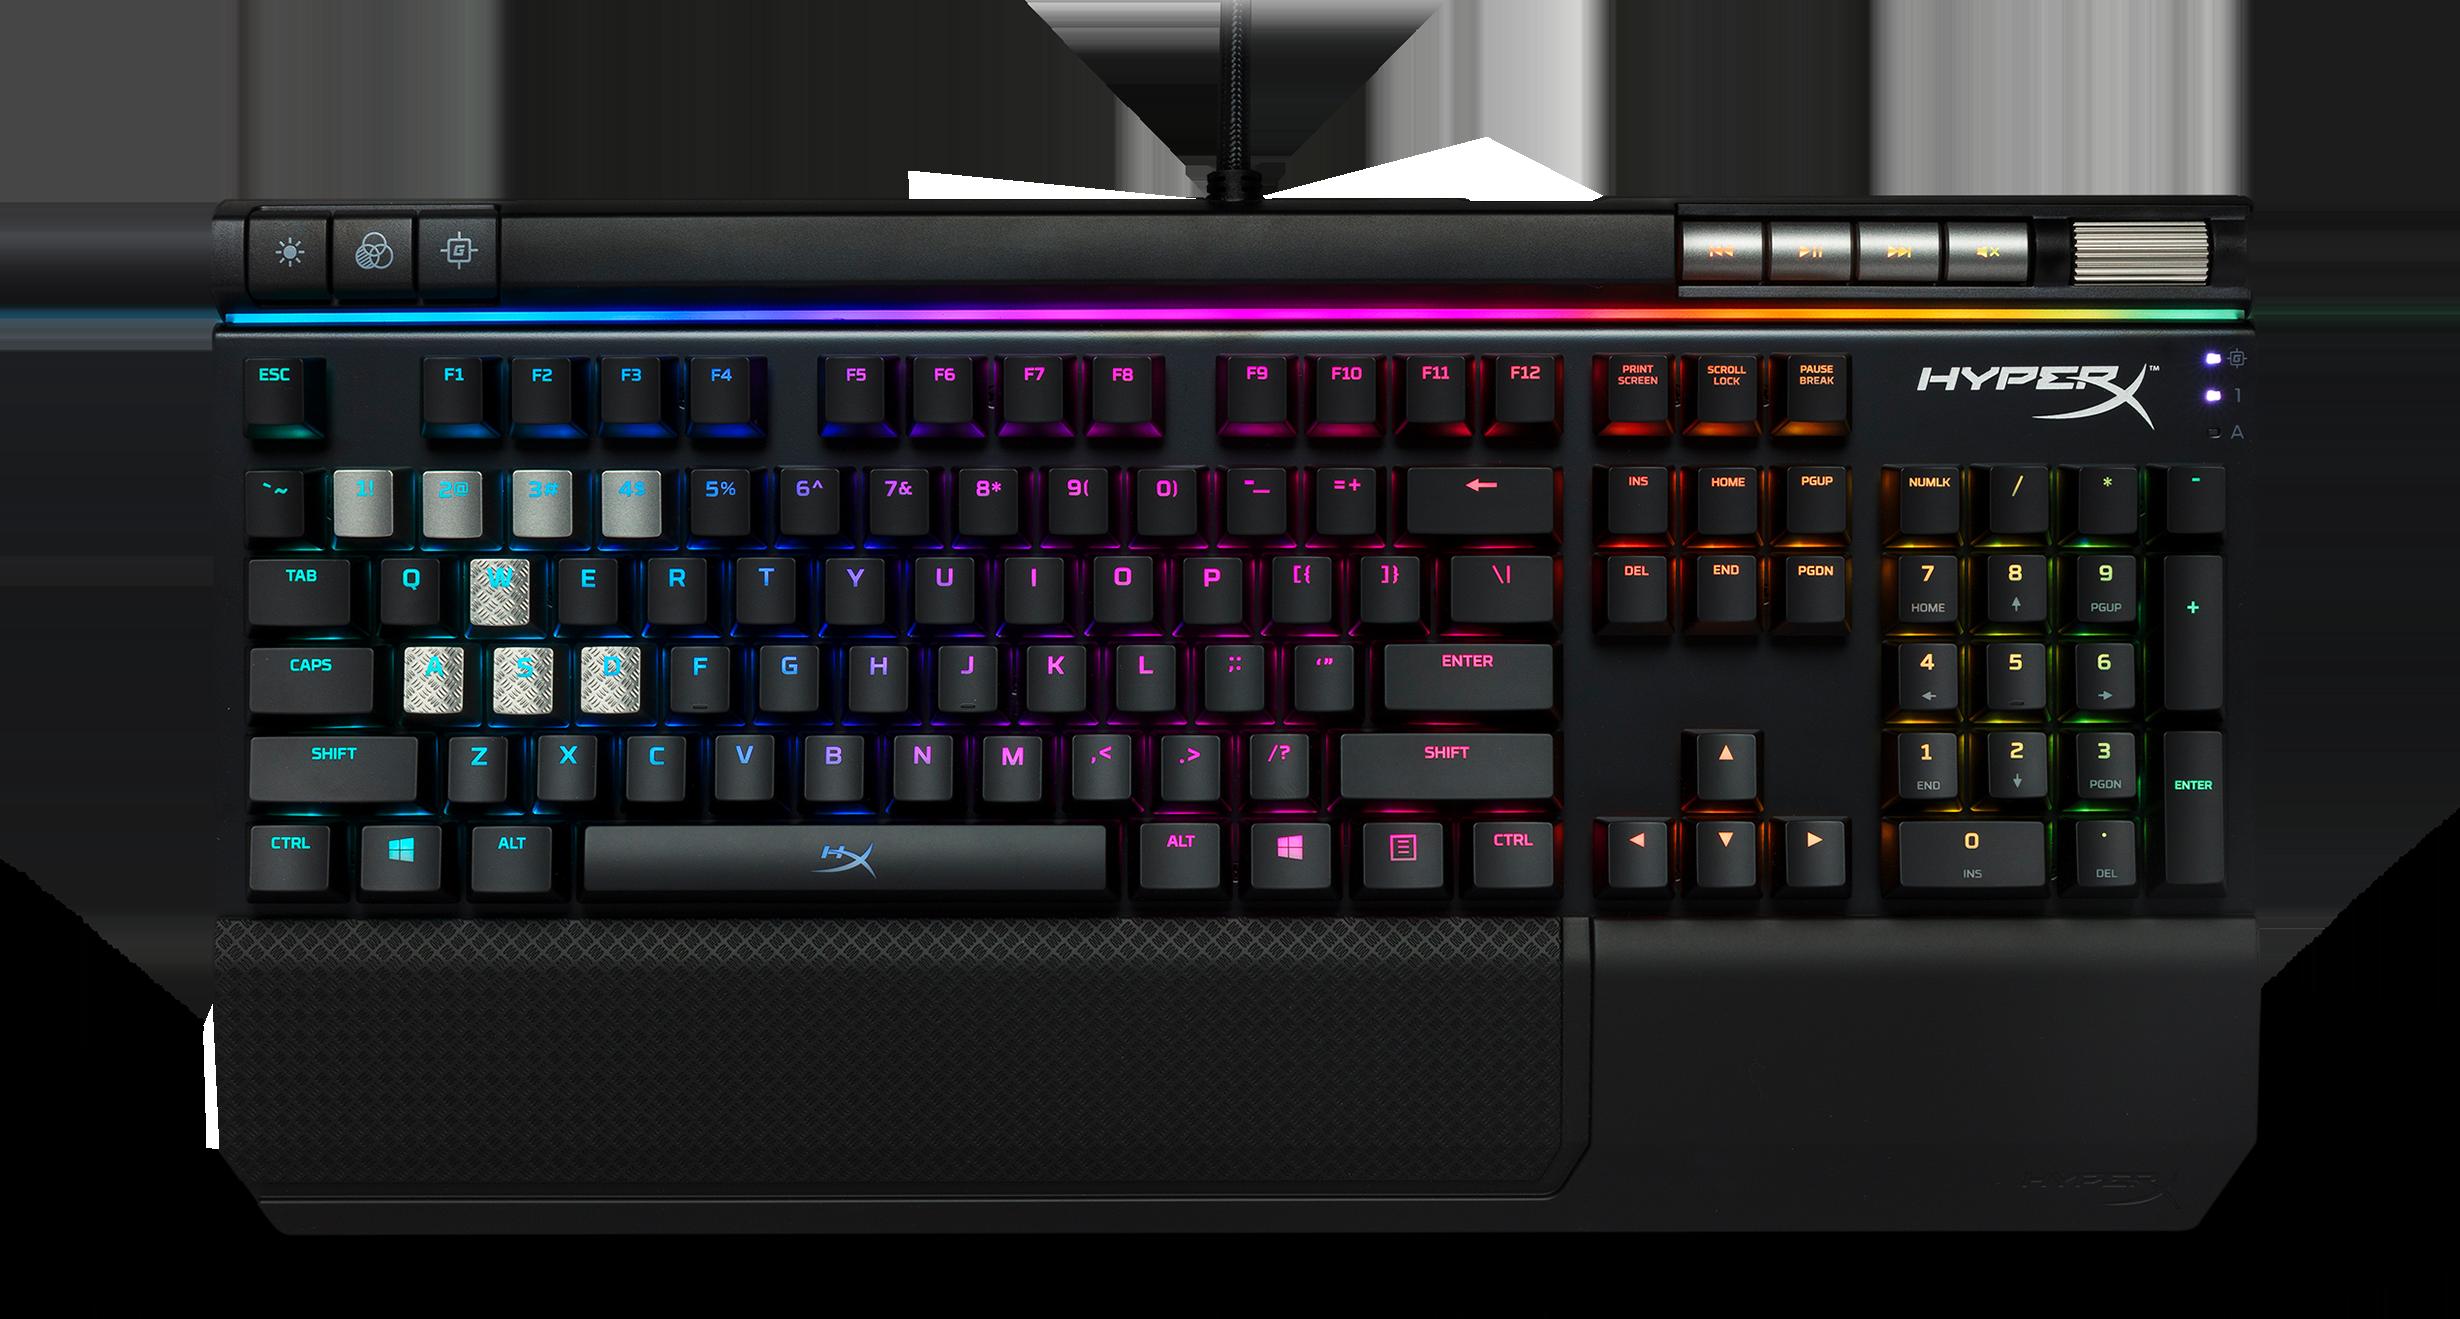 Birdseye view of the Kingston HyperX Elite mechanical keyboard when it's on